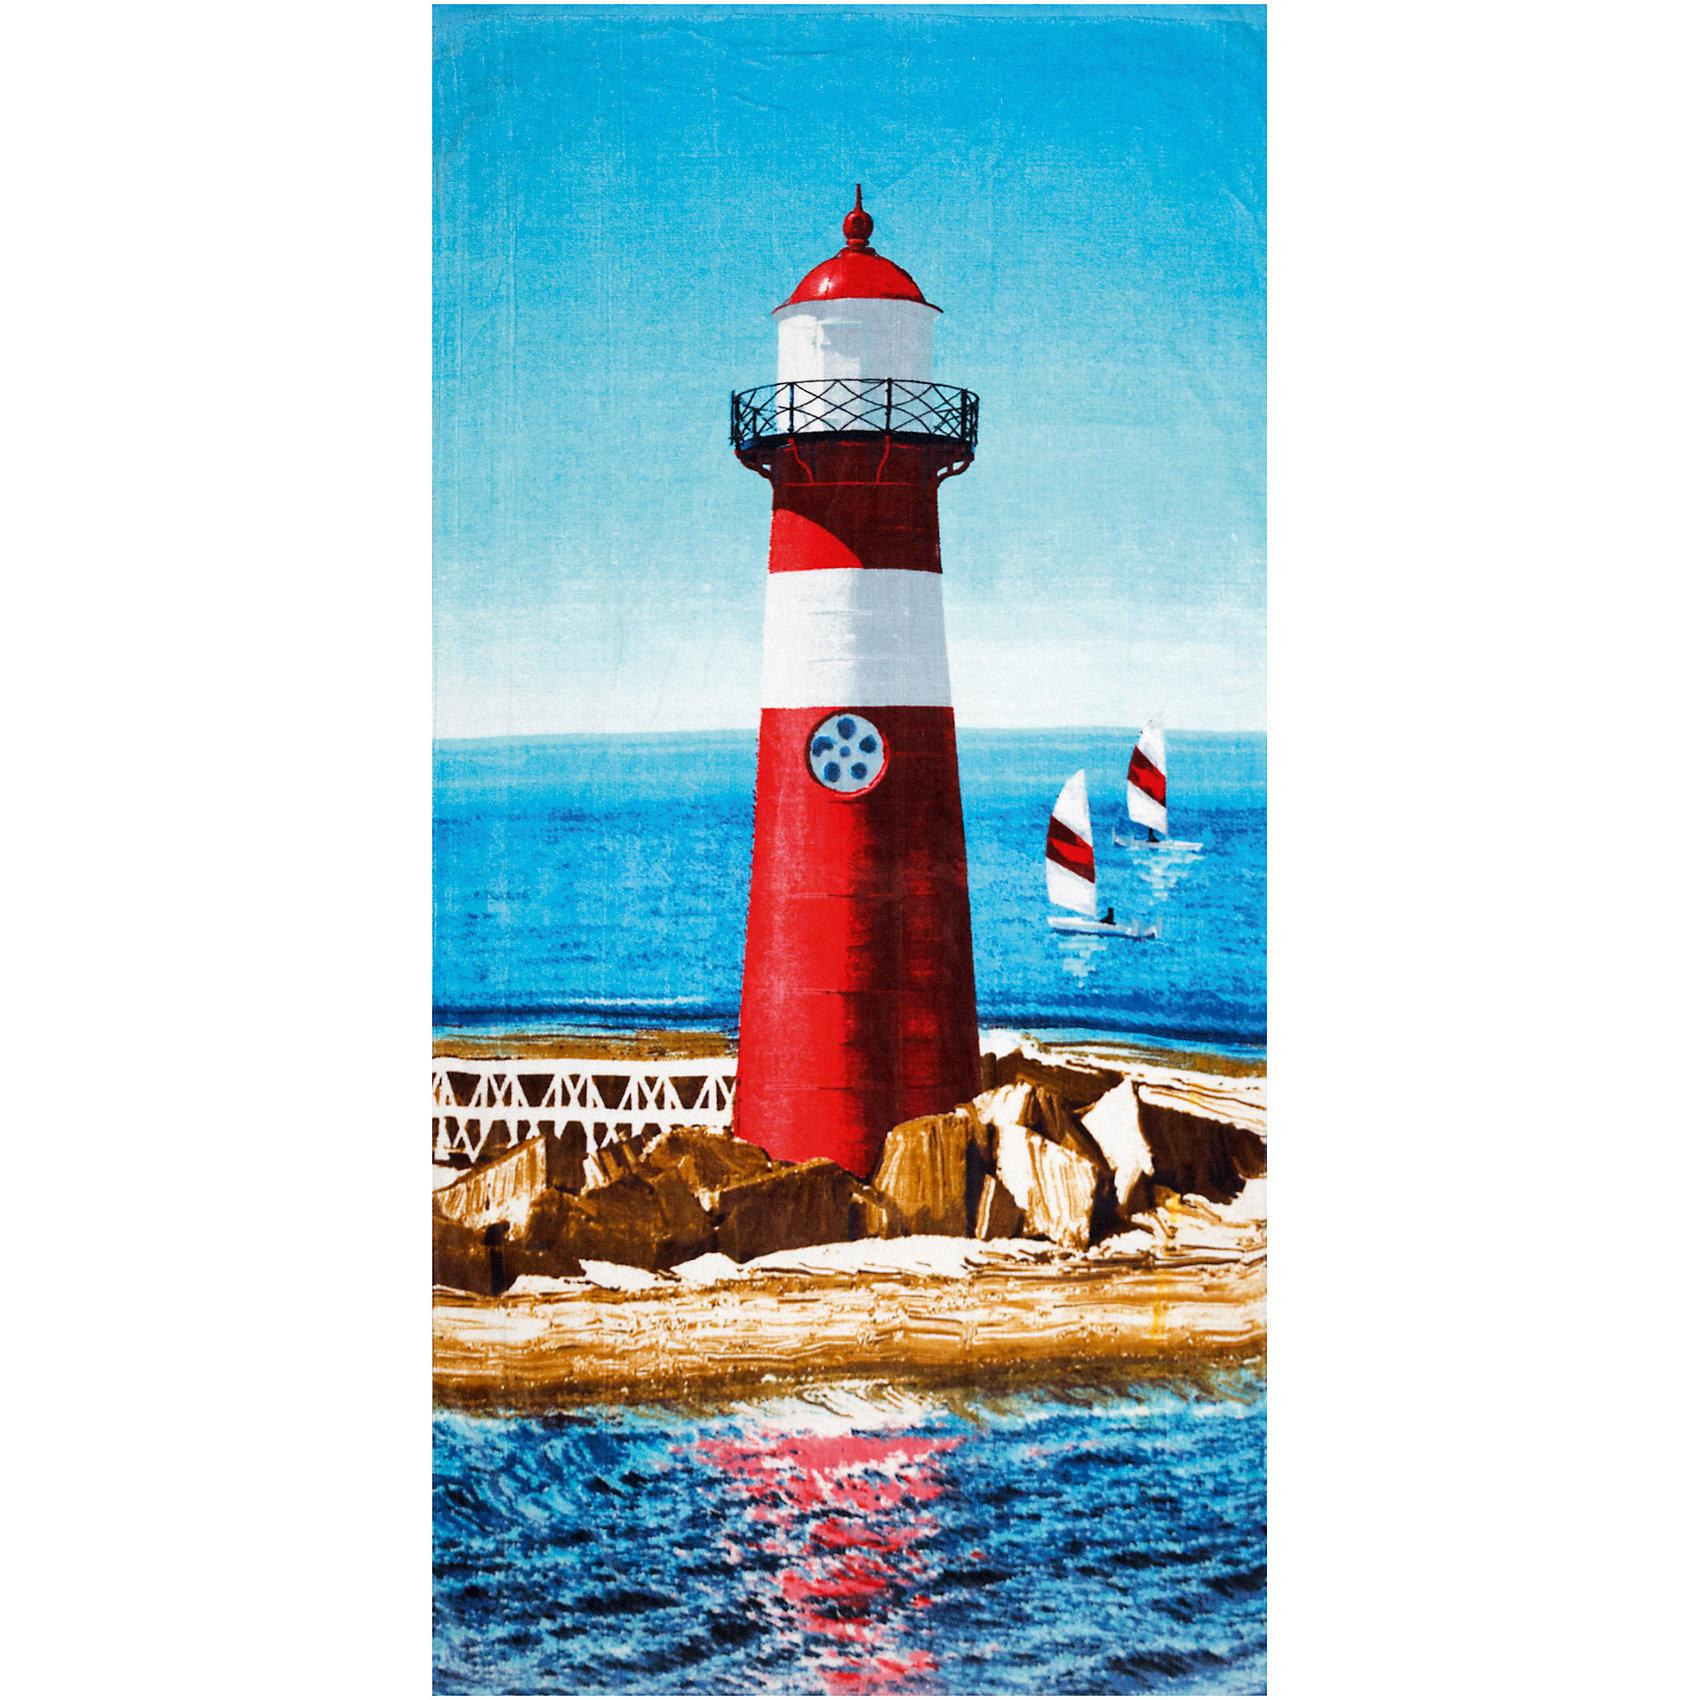 Пляжное полотенце Маяк 60*120 смПляжные полотенца<br>Пляжное полотенце Маяк 60*120 см – это удобное, яркое полотенце станет для ребенка незаменимым компаньоном после купания.<br>Пляжное полотенце Маяк пригодится на пляже, в бассейне, да везде, где есть вода. Полотенце с яркой расцветкой поднимет настроение и подарит много положительных эмоций. Им можно вытереть мокрое тело после купания или просто постелить на шезлонге или песке. Полотенце мягкое, легкое, хорошо впитывает влагу, сделано из 100% хлопка.<br><br>Дополнительная информация:<br><br>- Размер: 70х140 см.<br>- Материал: хлопок 100%<br><br>Пляжное полотенце Маяк 60*120 см можно купить в нашем интернет-магазине.<br><br>Ширина мм: 370<br>Глубина мм: 250<br>Высота мм: 20<br>Вес г: 313<br>Возраст от месяцев: 24<br>Возраст до месяцев: 192<br>Пол: Унисекс<br>Возраст: Детский<br>SKU: 4079869